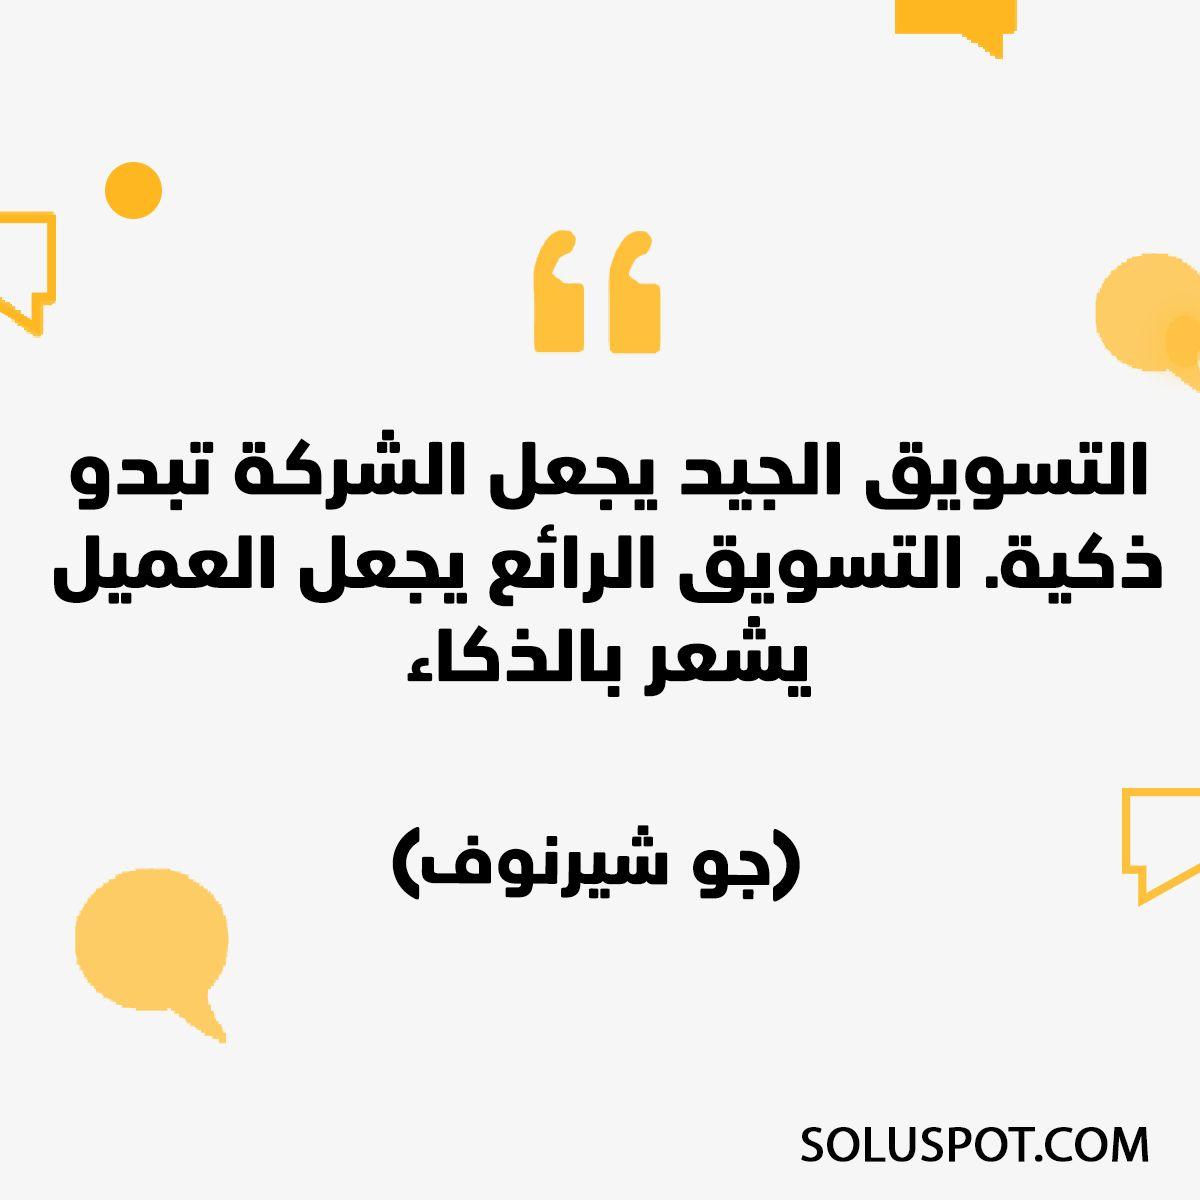 التسويق الجيد يجعل الشركة تبدو ذكية التسويق الرائع يجعل العميل يشعر بالذكاء جو شيرنوف Soluspot Egypt Mosa Technology Solutions Life Skills Marketing